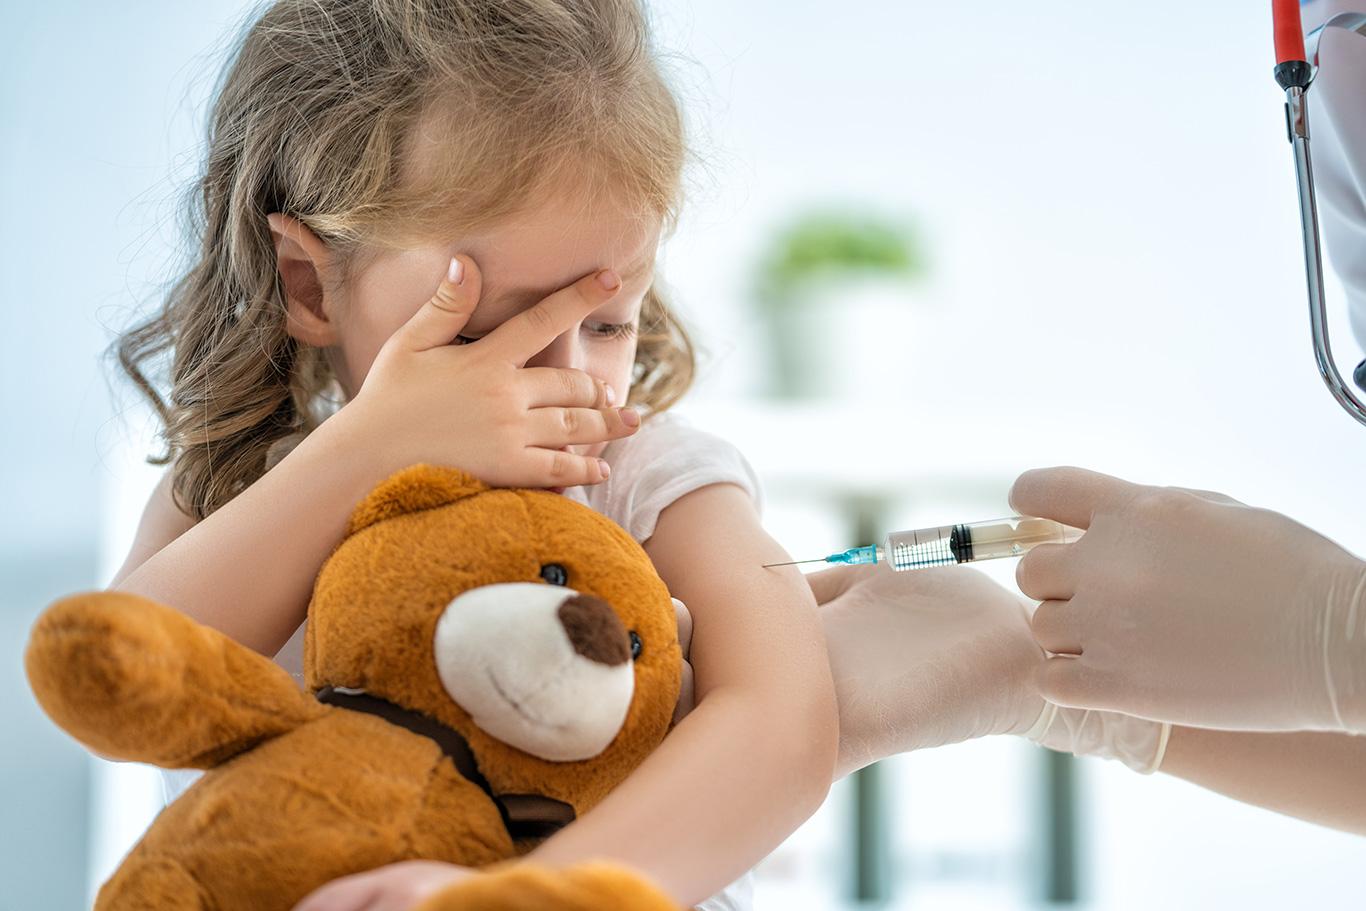 ワクチンをうけてきた。